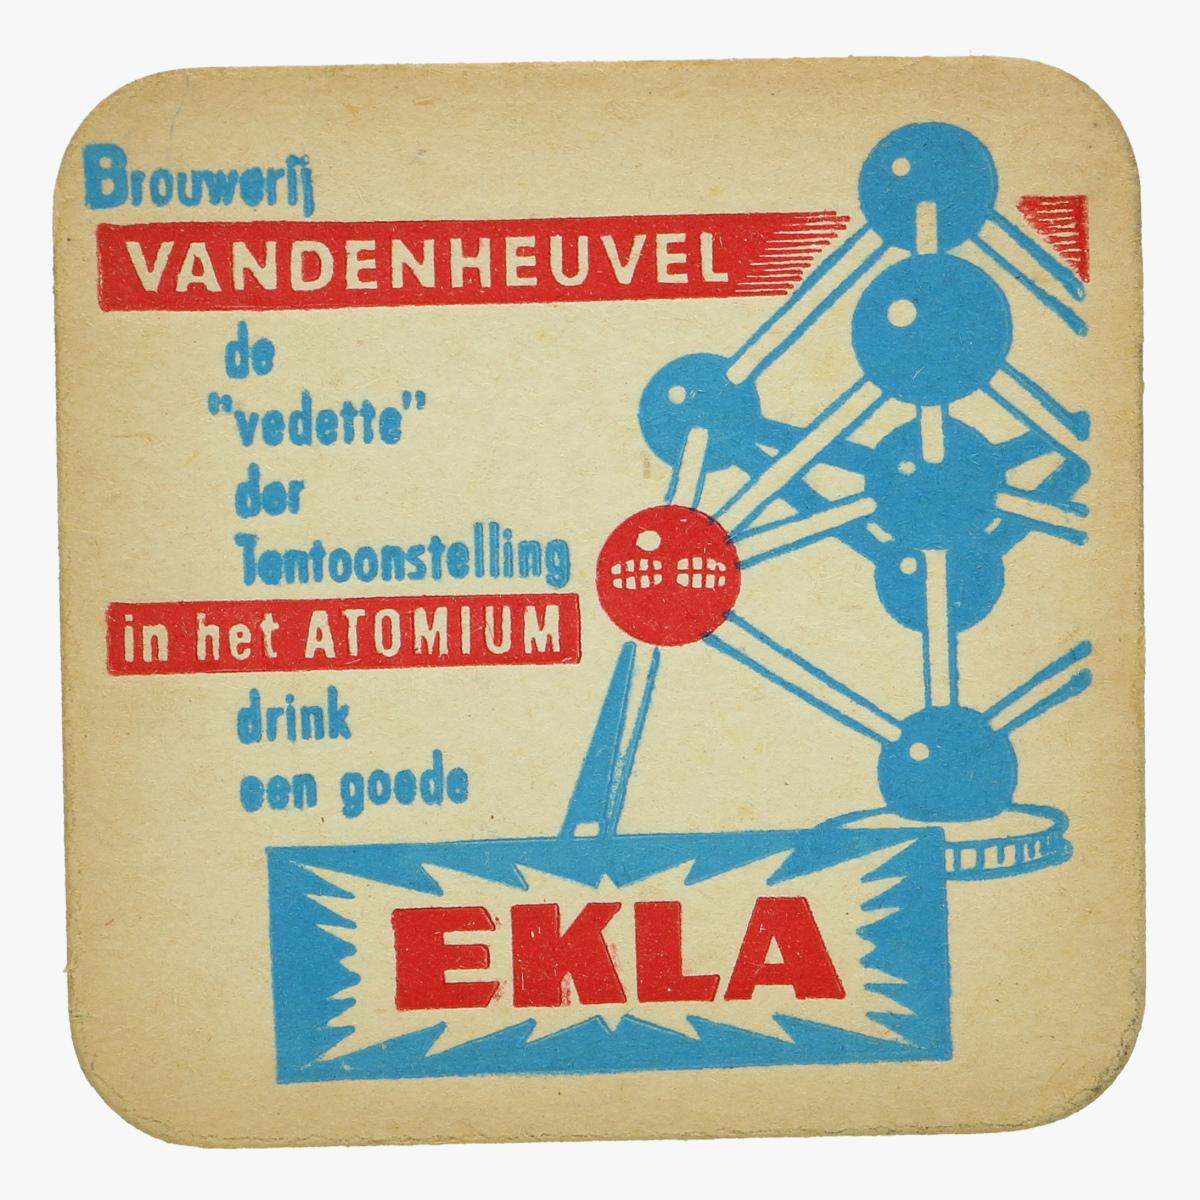 Afbeeldingen van expo 58 bierkaartje browerij vandenheuvel de vedette der tentoonstelling in het atomium  drink en goed ekla